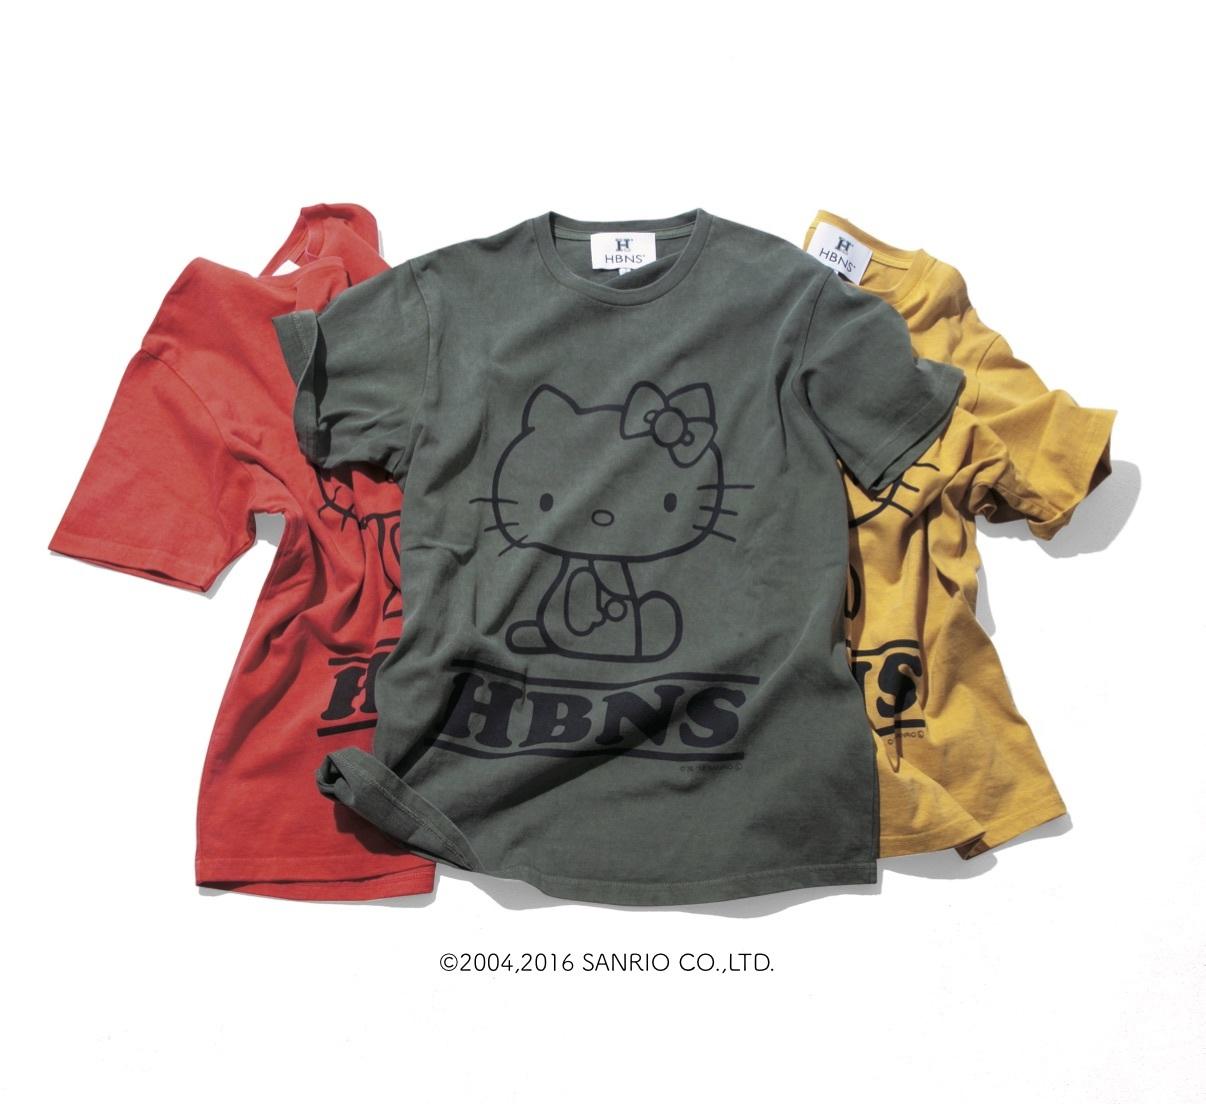 HBNS Tシャツ 各8,424円